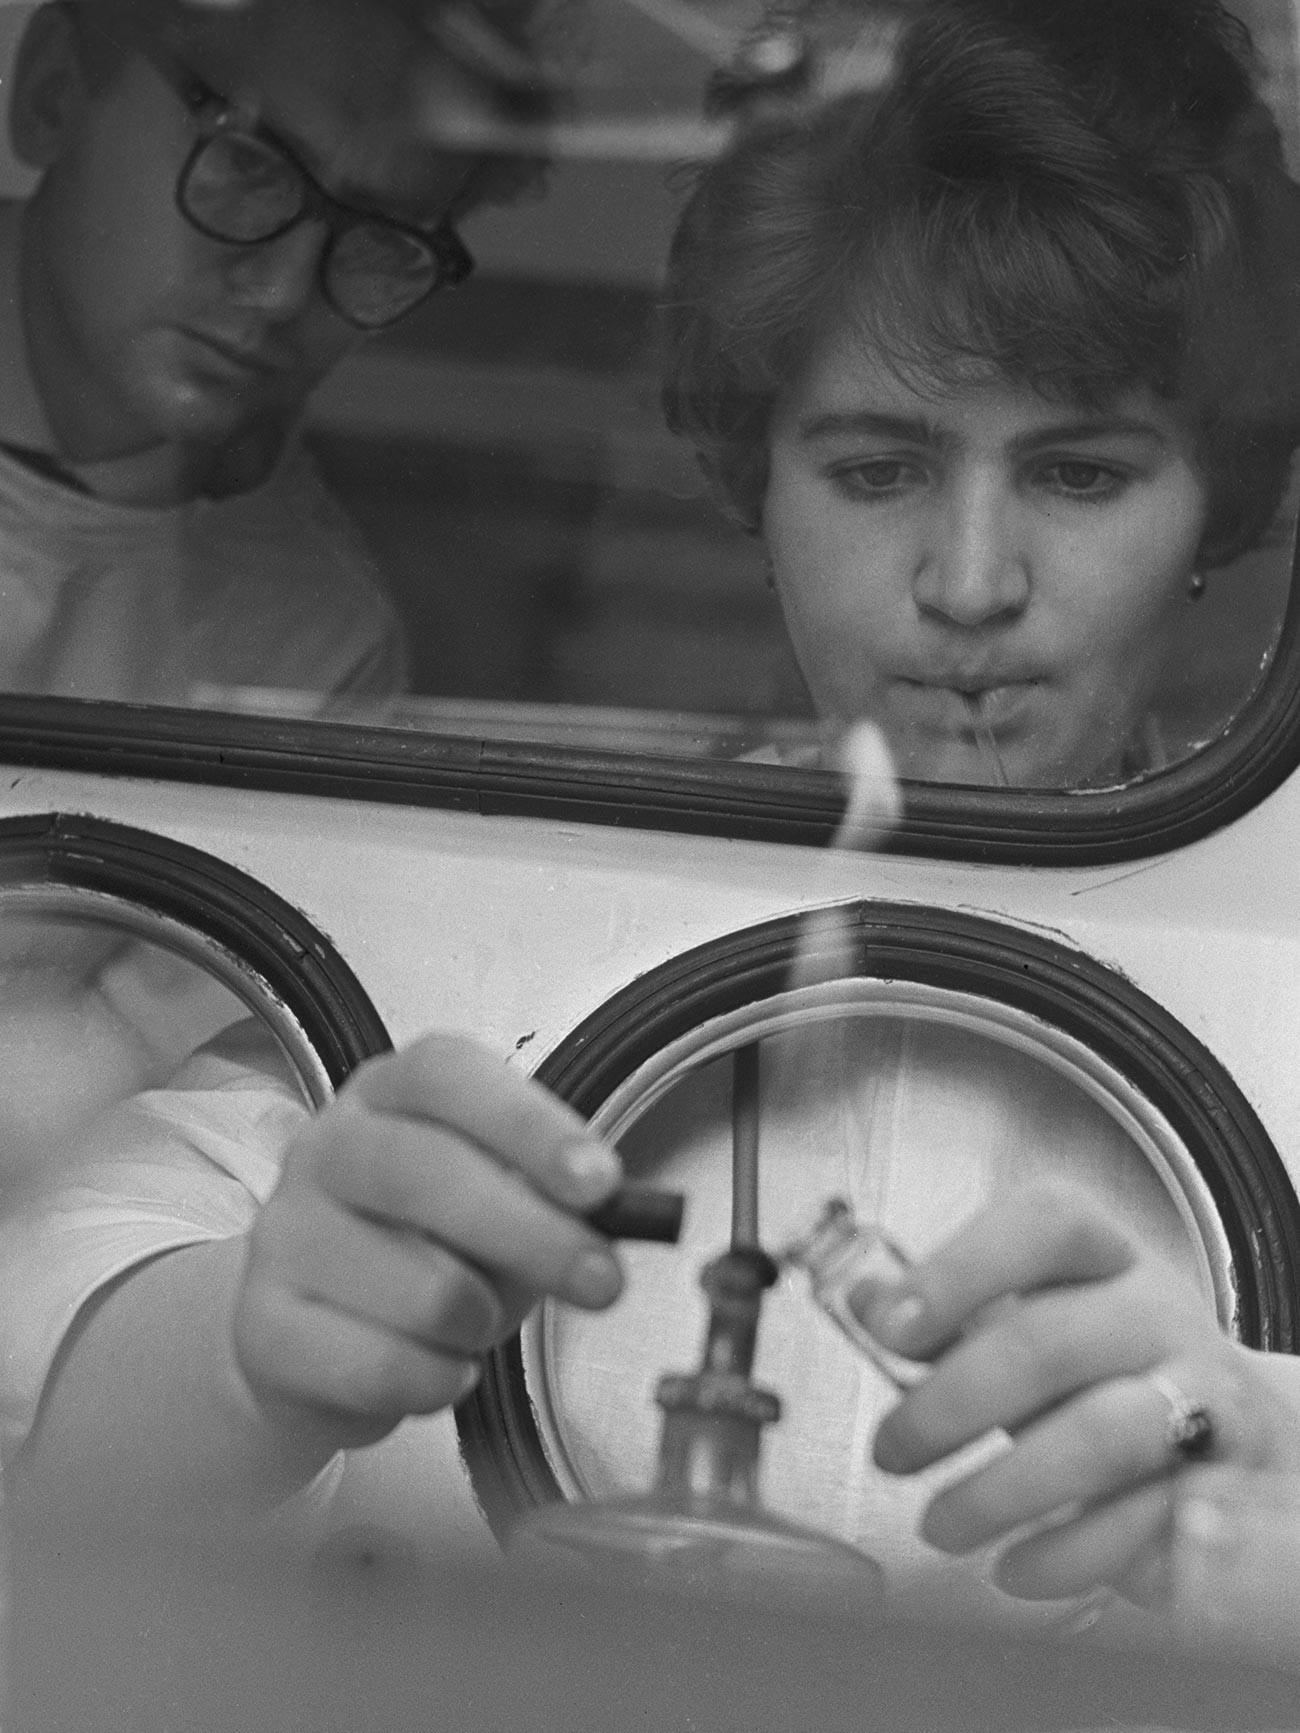 Cientistas do Instituto de Poliomielite e Encefalite Viral da Academia Soviética de Ciências Médicas (hoje Instituto Mikhail Tchumakov) criando uma vacina contra a pólio